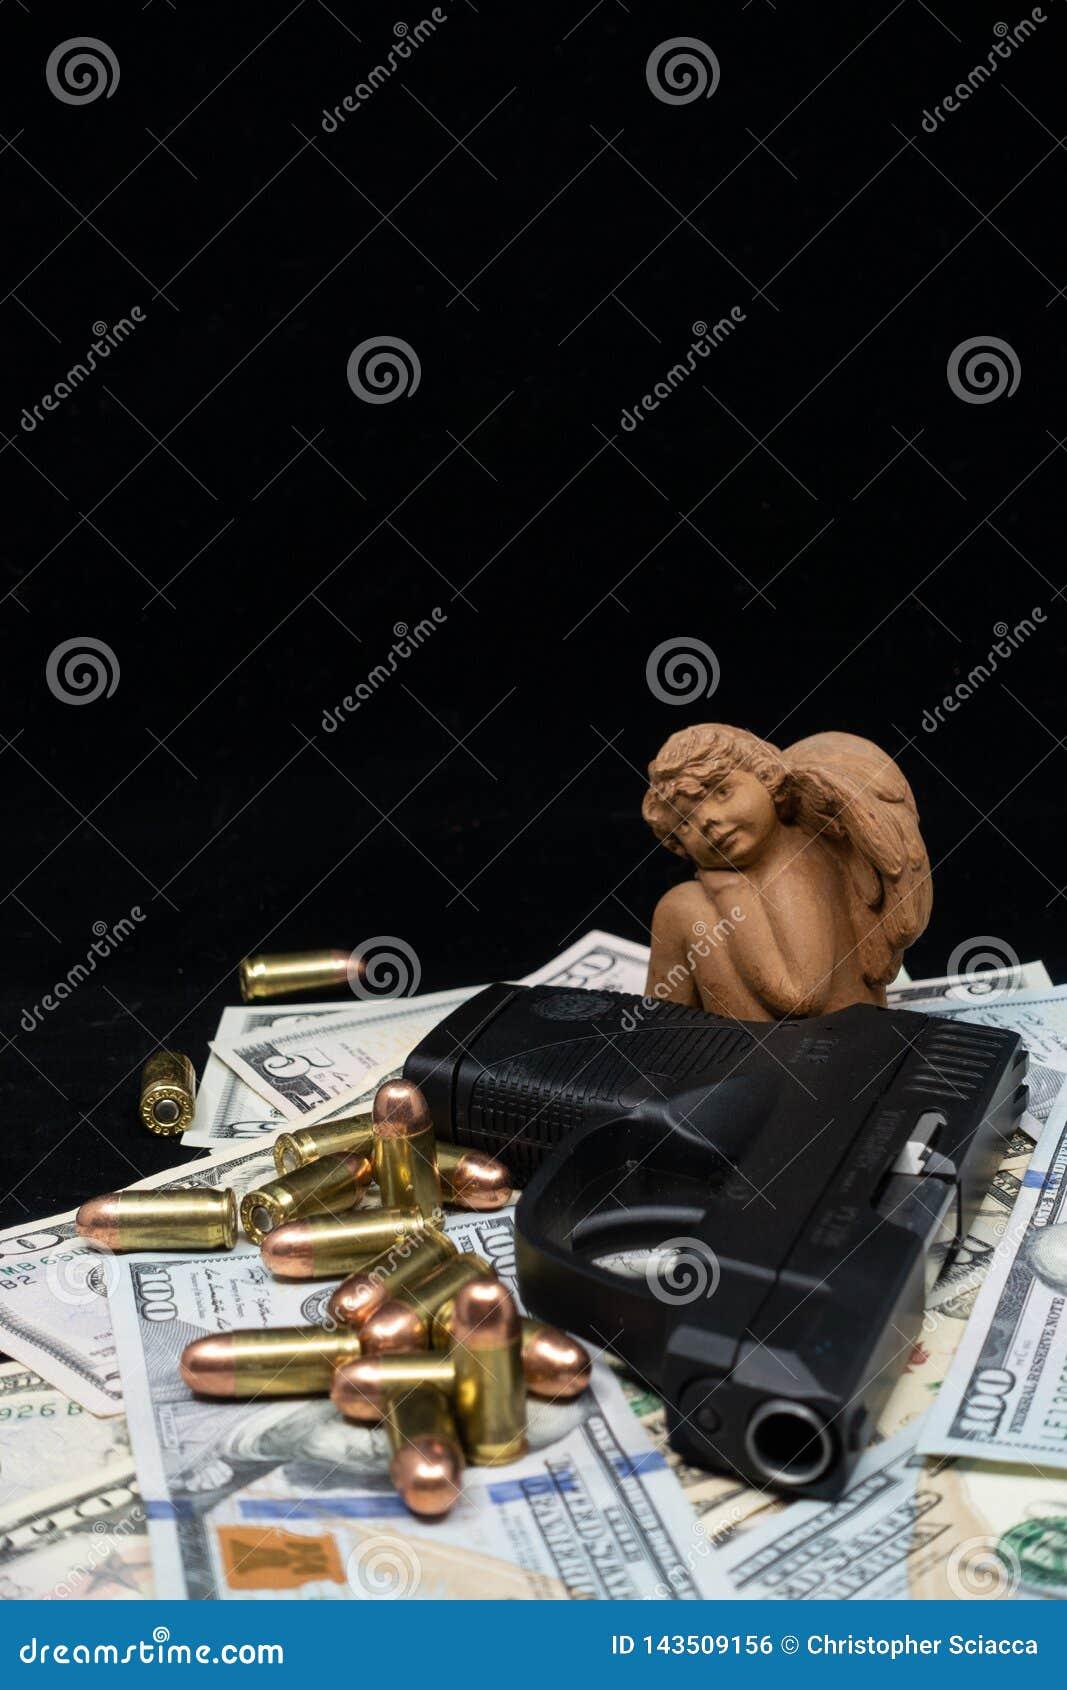 Anielska postać przegapia broń palną i pociski w górę stosu Stany Zjednoczone waluta dalej przeciw czarnemu tłu